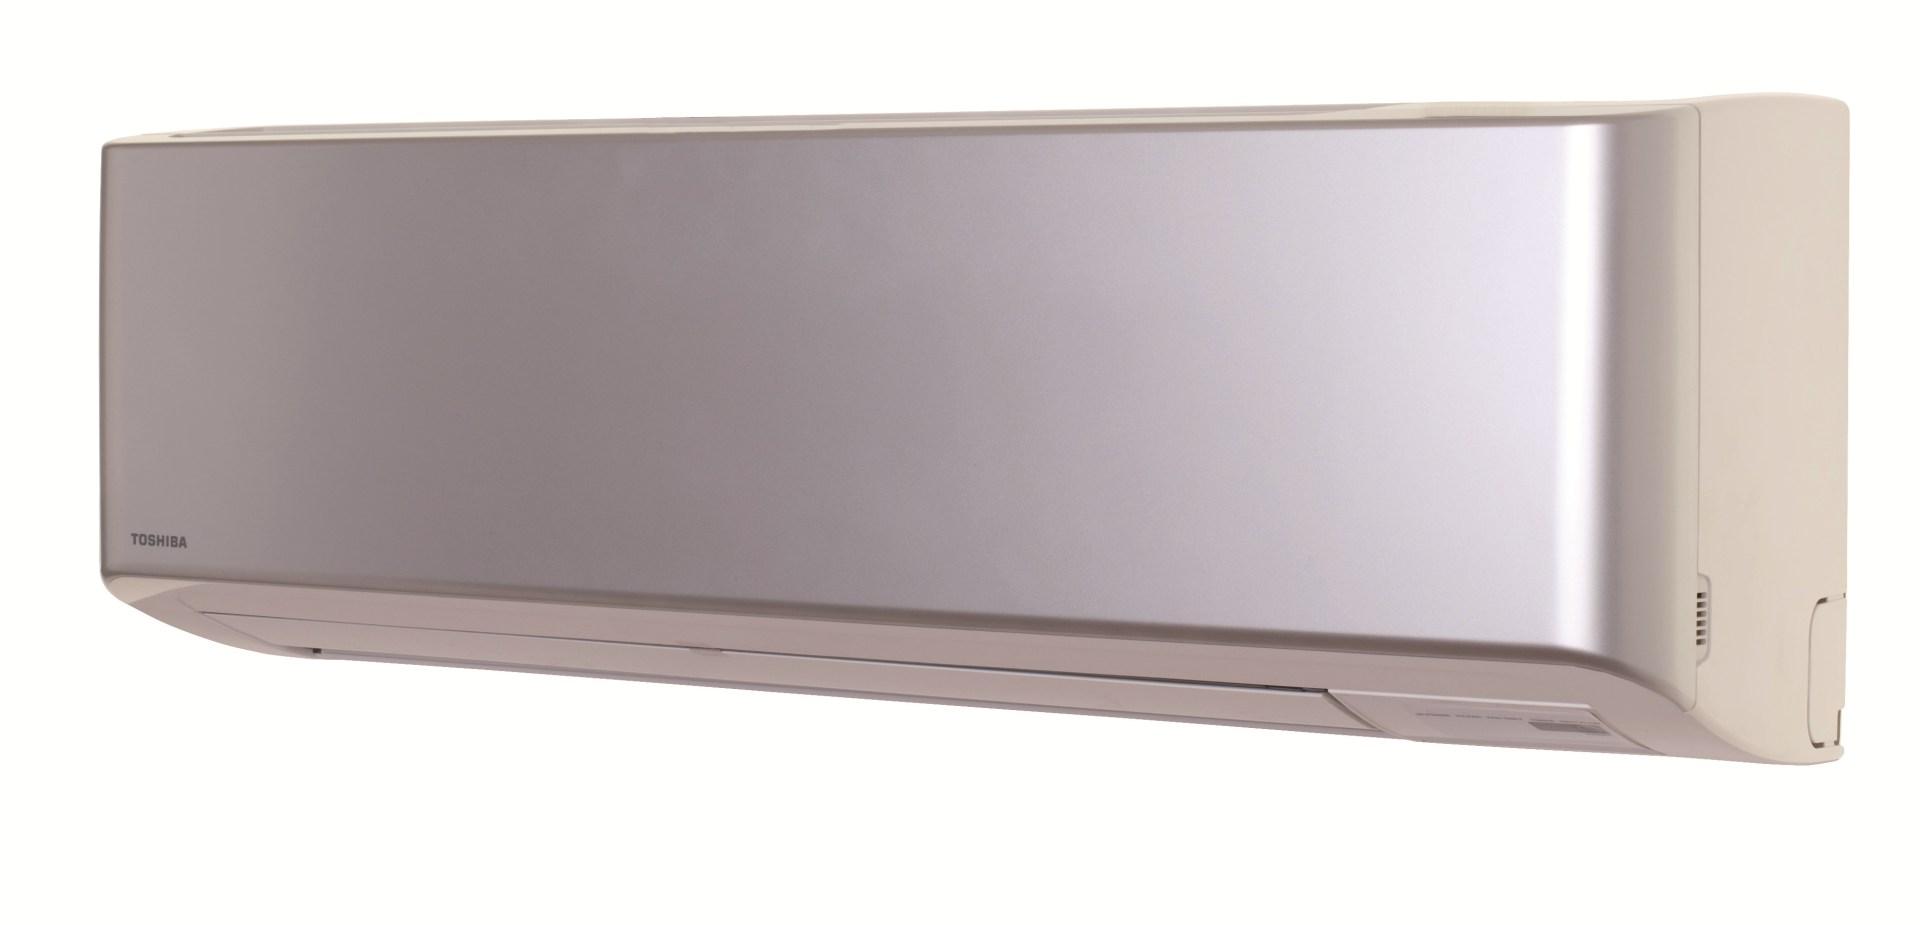 Klimatizace Toshiba pro byty, domy, komerční prostory